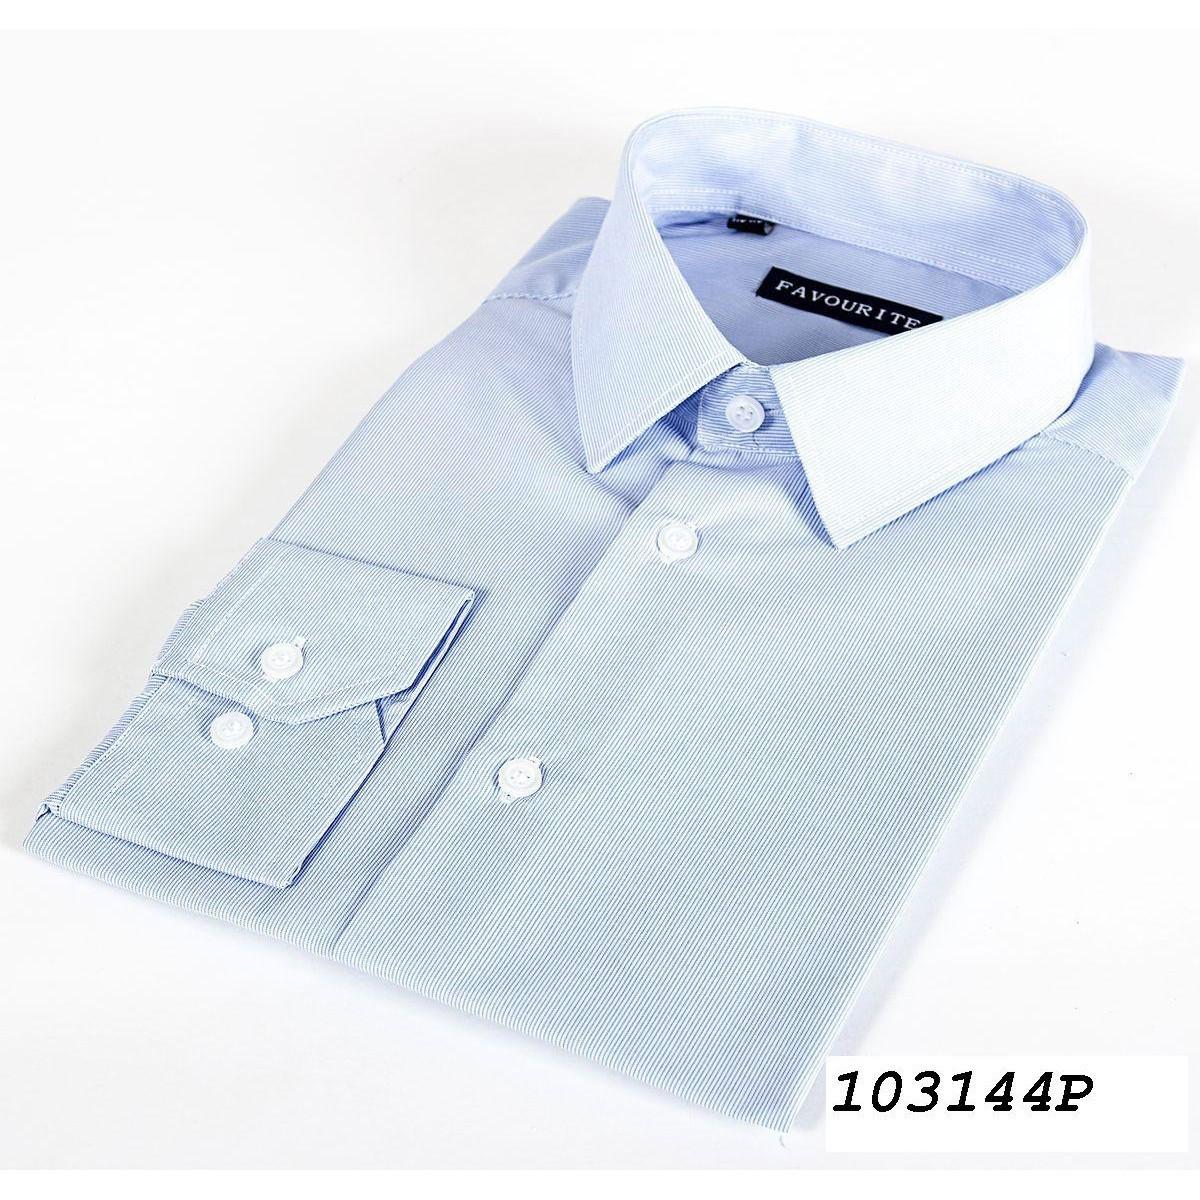 Сорочка подростковая, длинный рукав, голубой/полоска. Артикул: 103144p